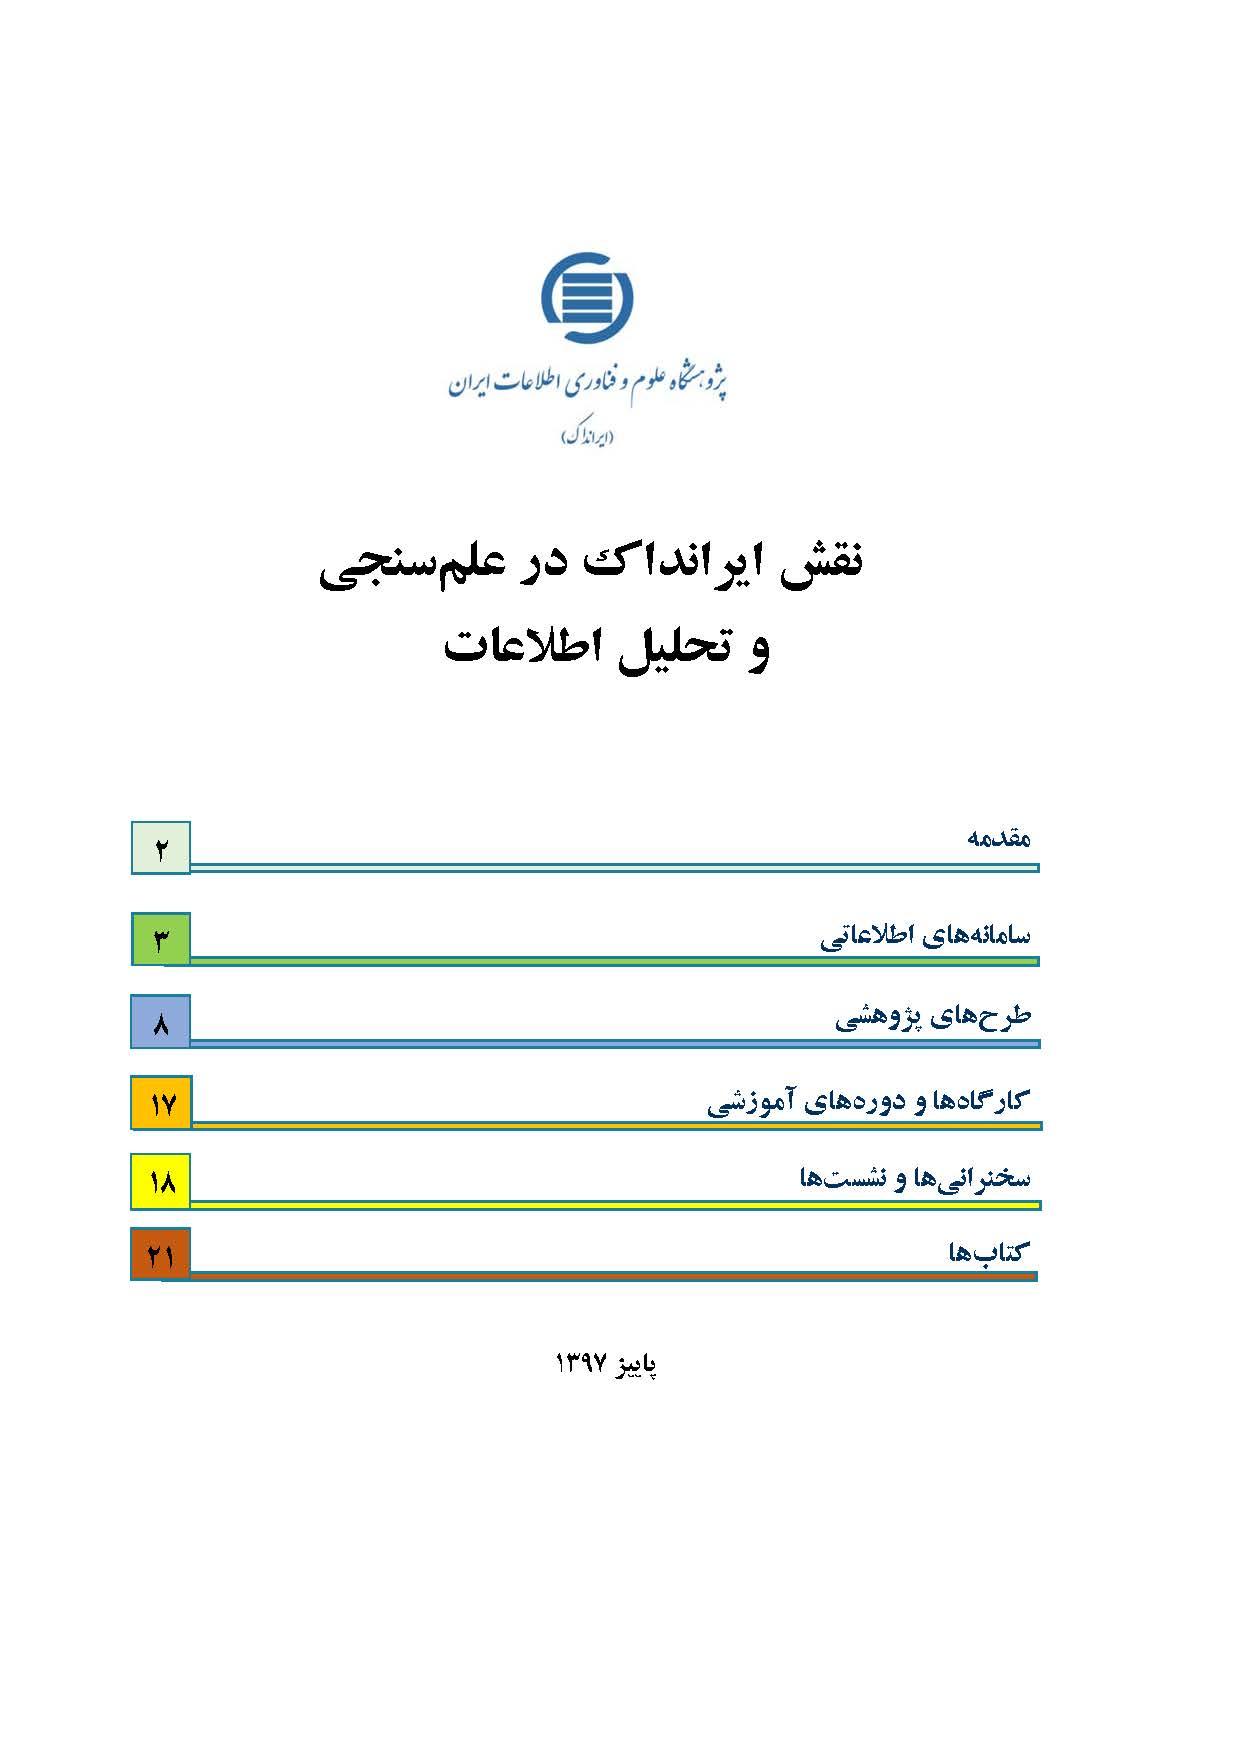 نقش ایرانداک در علمسنجی و تحلیل اطلاعات